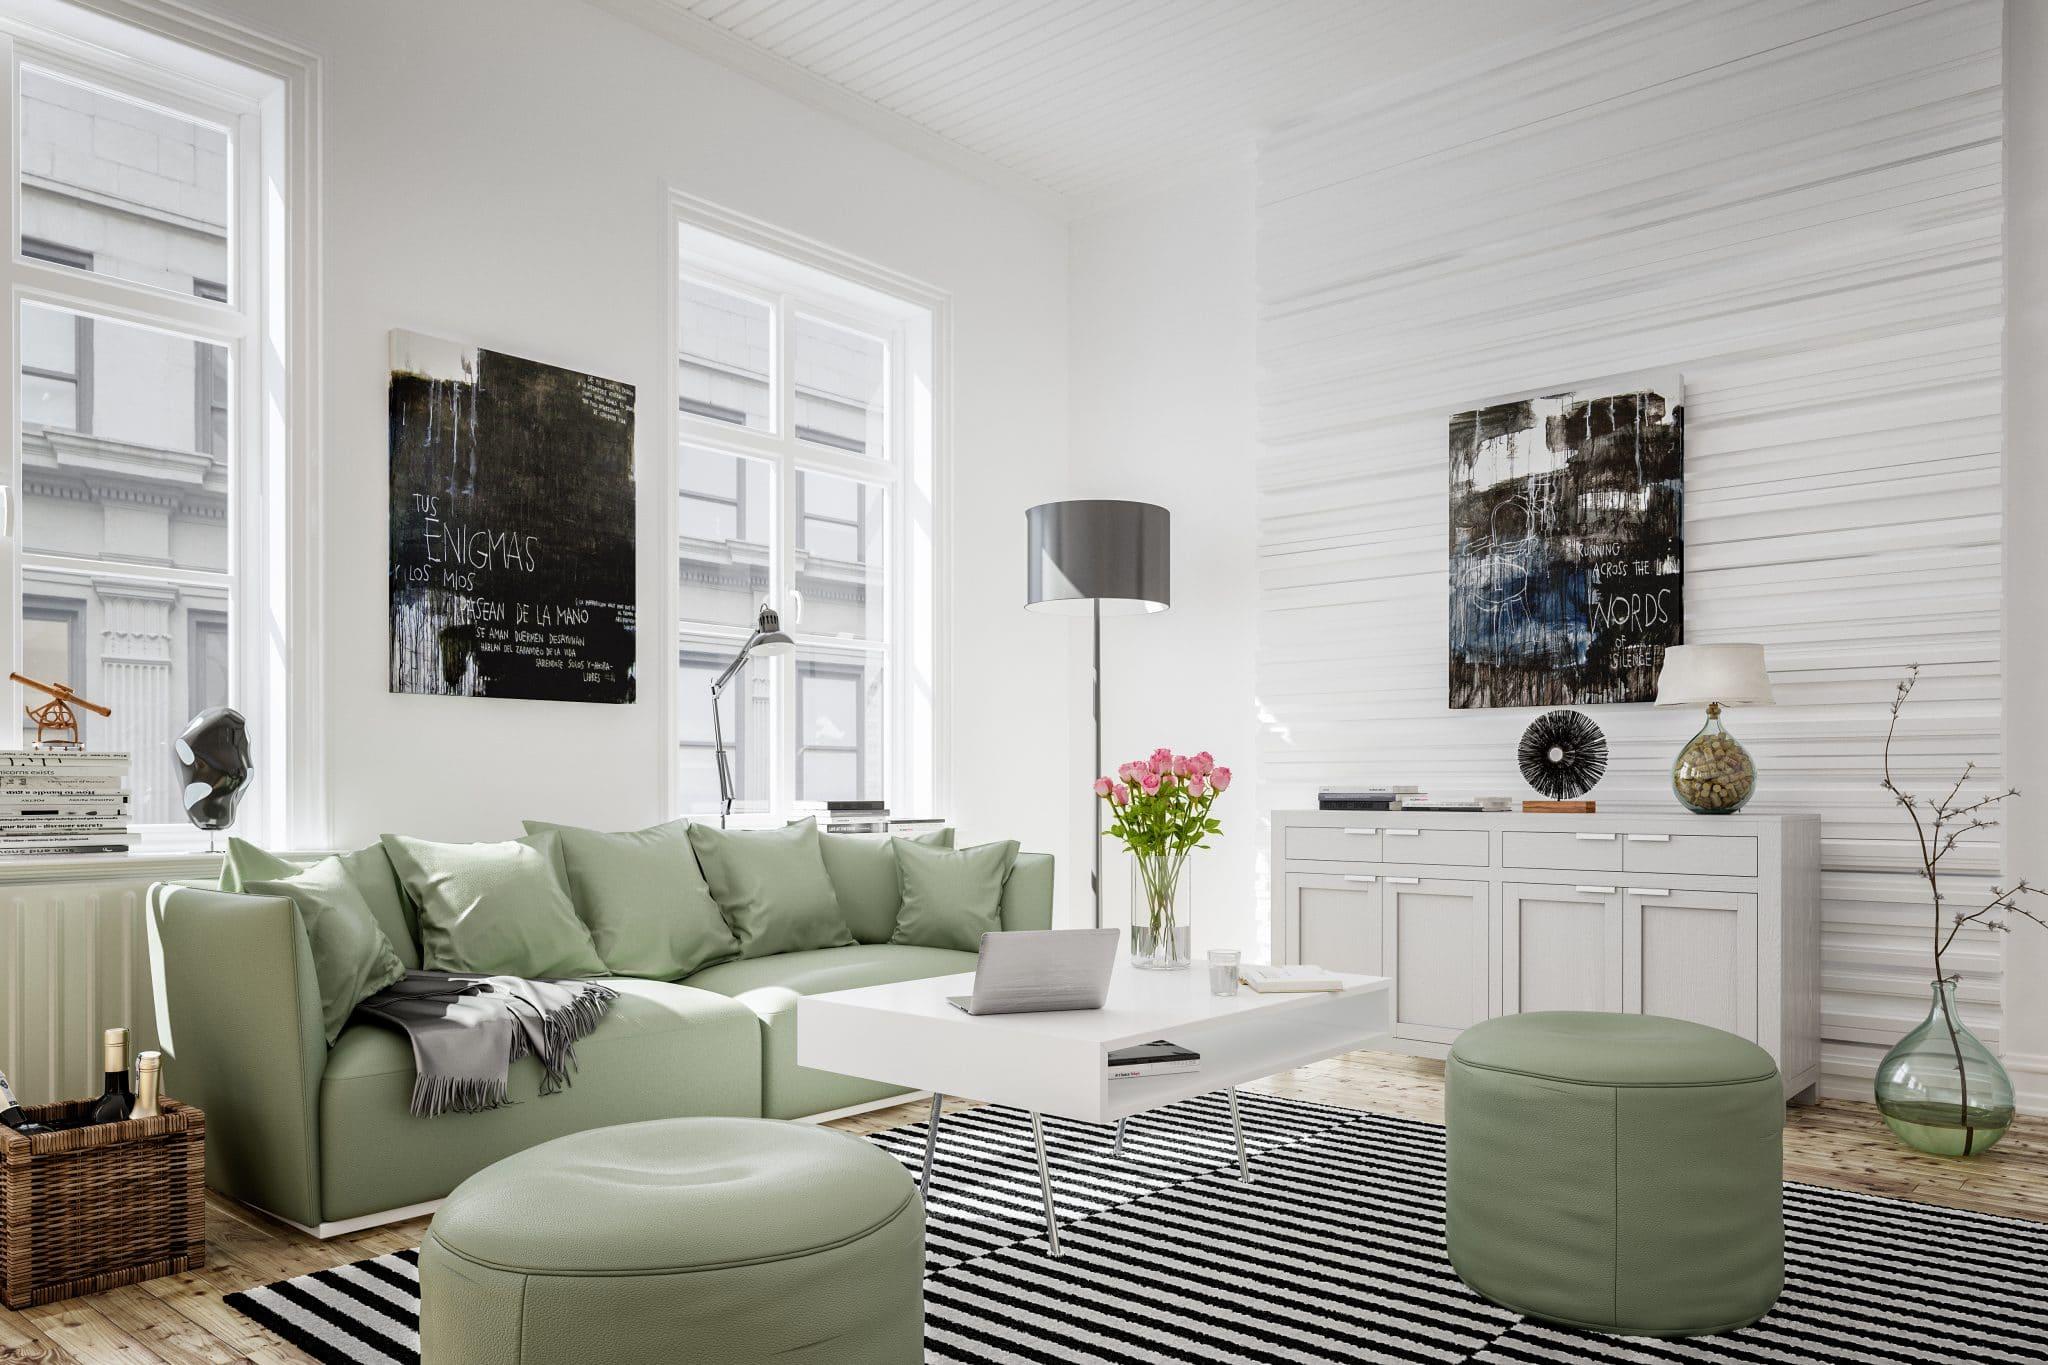 Rénovation d'appartement Saint-Malo (35)